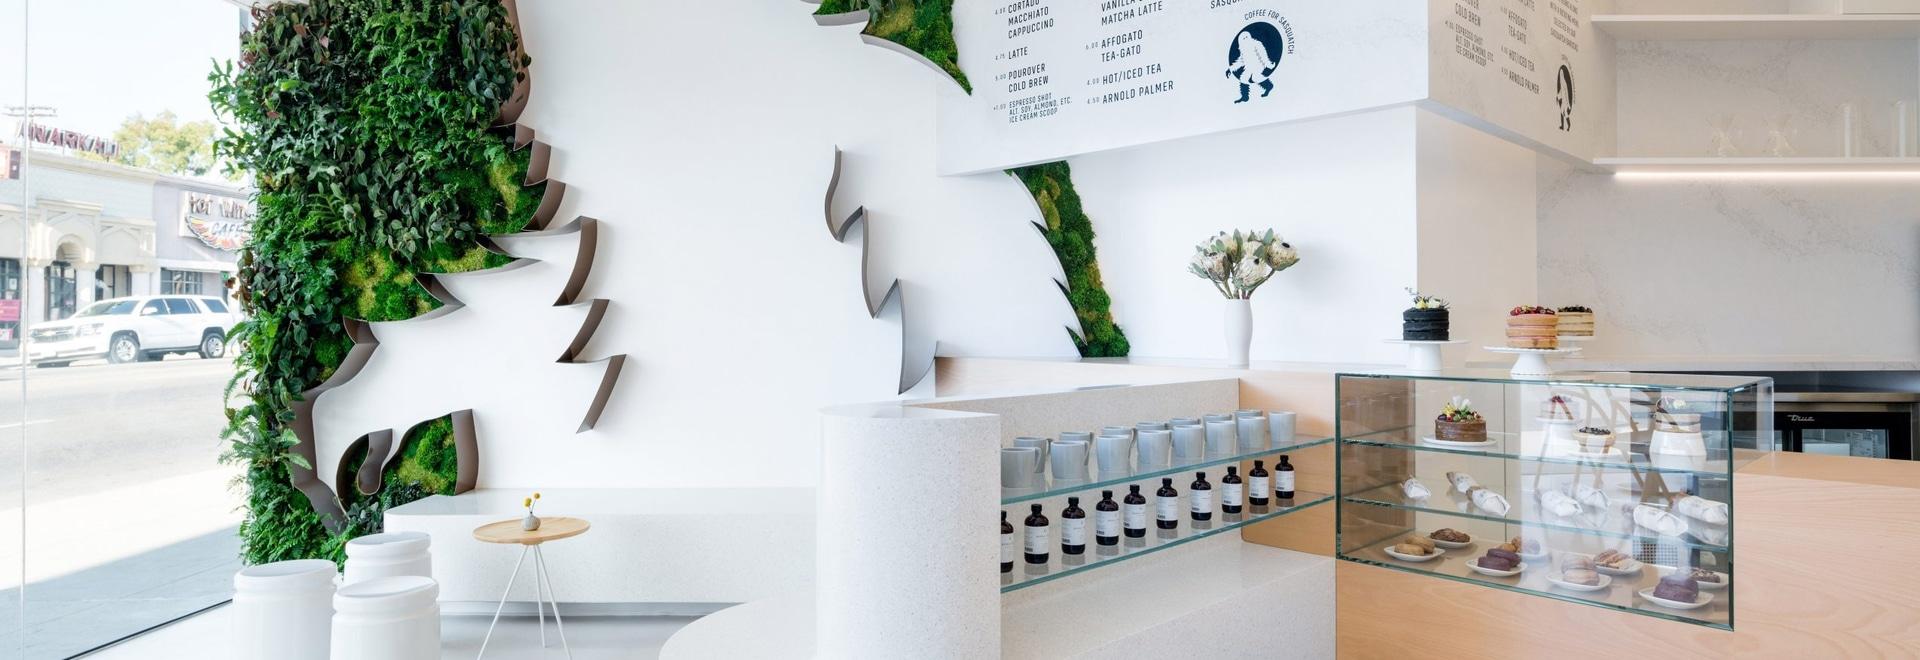 Des 11 pieds Sasquatch entouré par un mur vert accueillent des clients à ce café